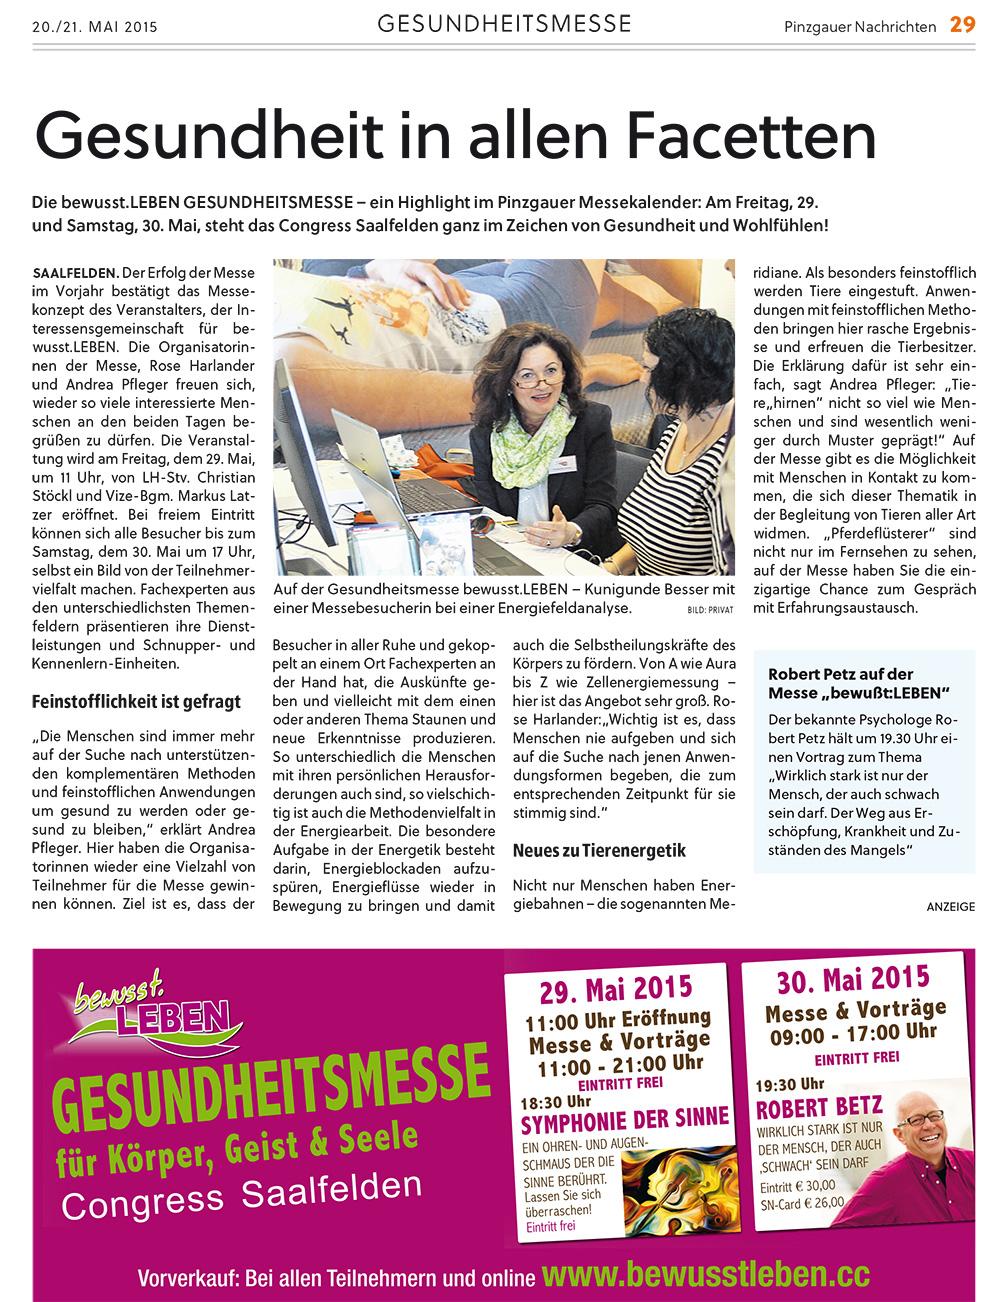 Pinzgauer Nachrichten vom 20/21. Mai 2015